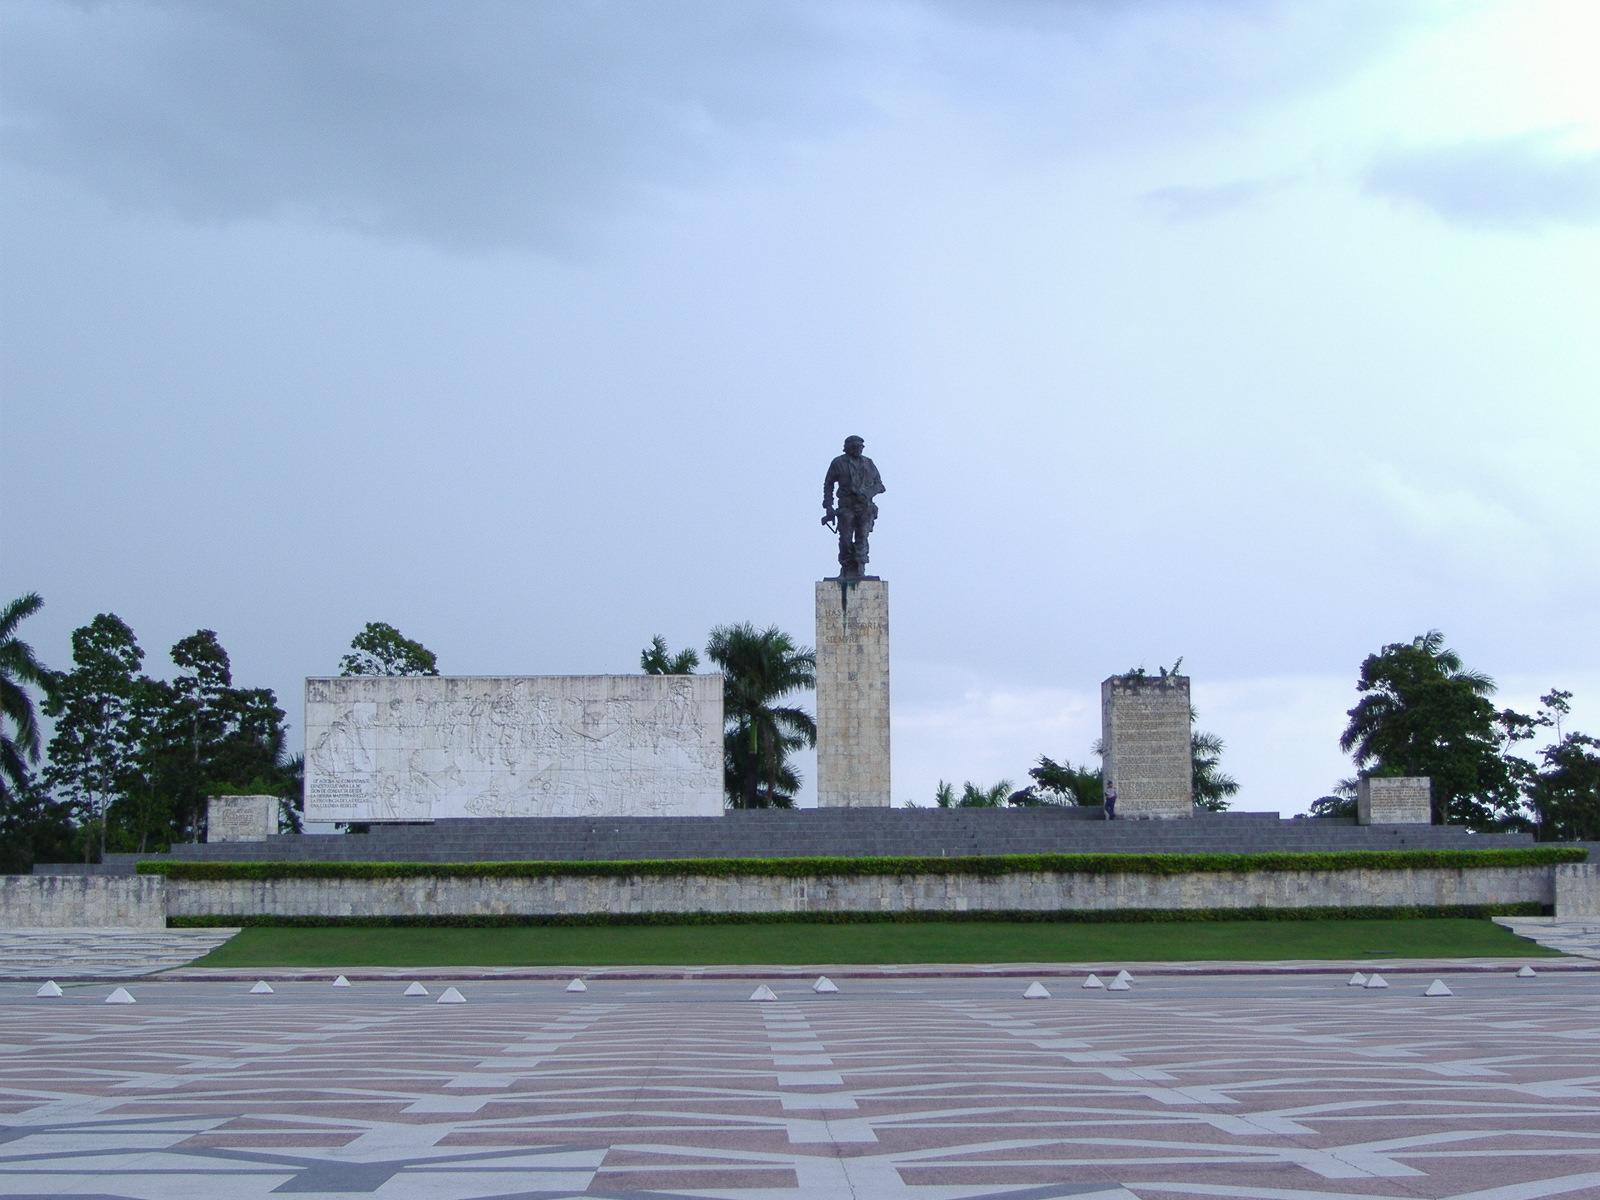 Monumento dedicado al Che Guevara en Santa Clara, Cuba